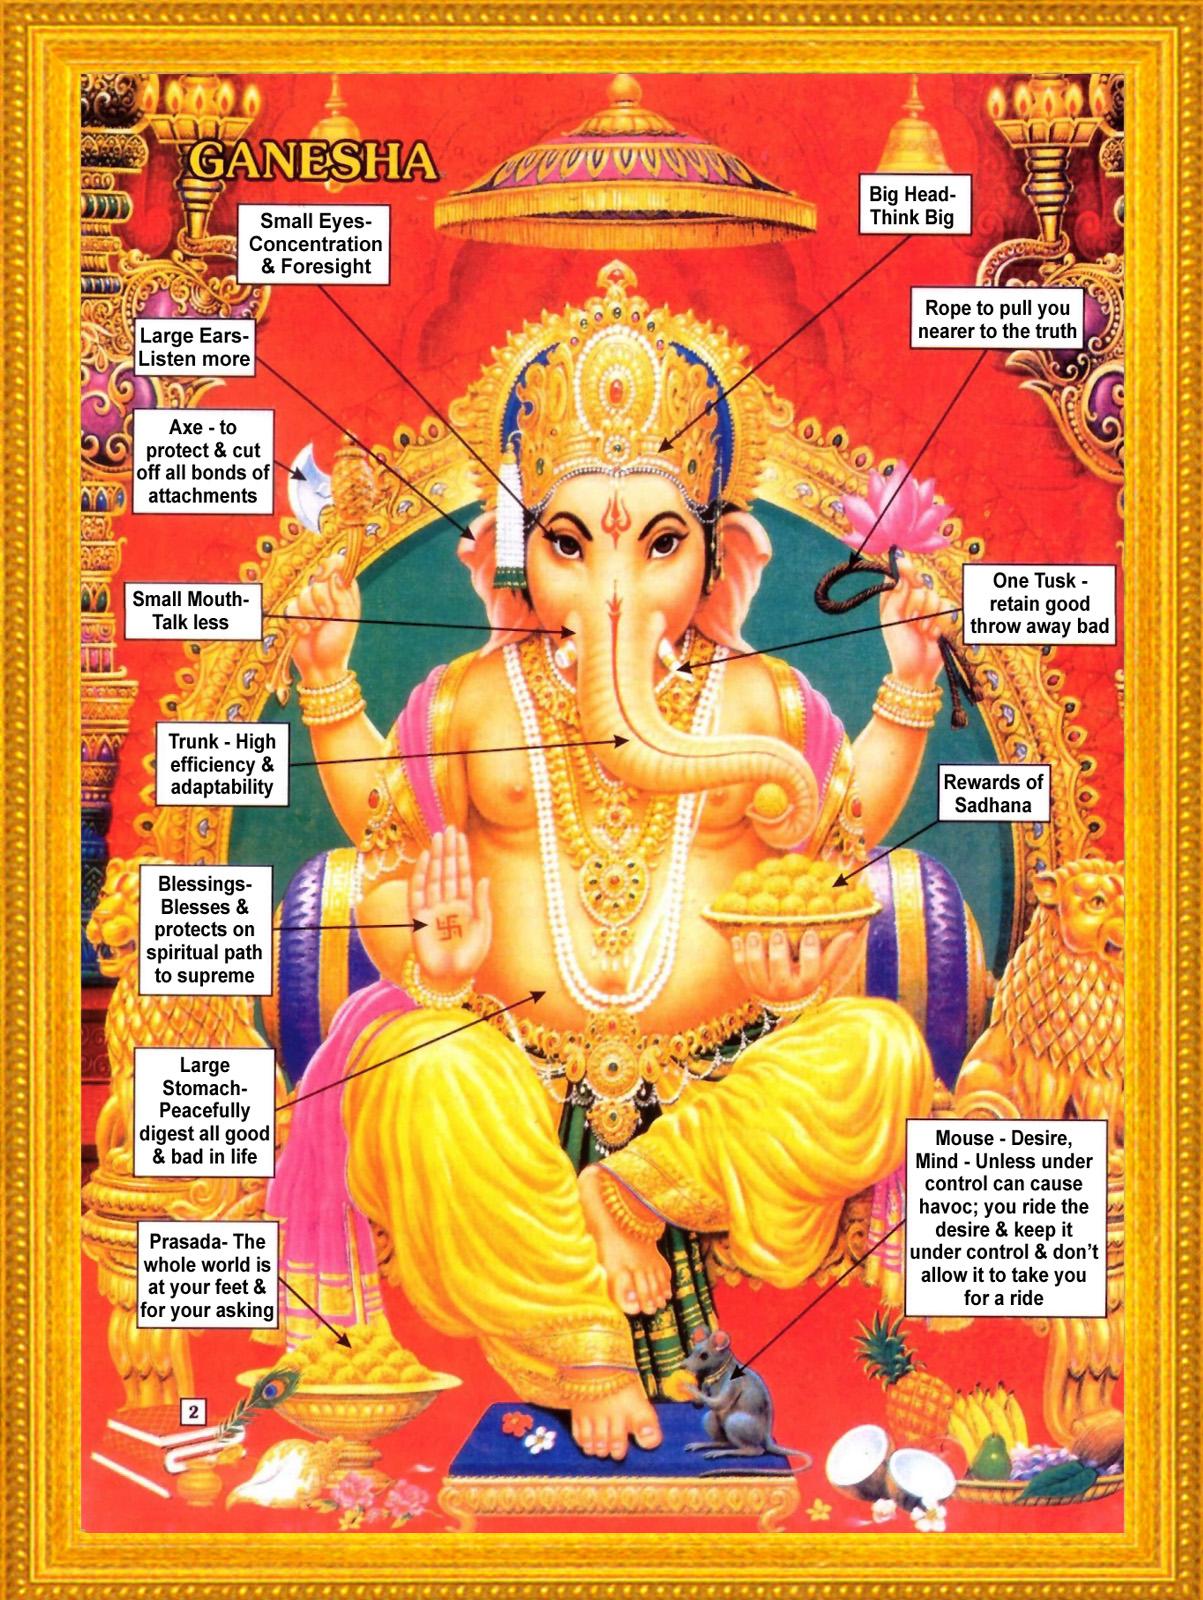 Ganesh Elephant Meaning